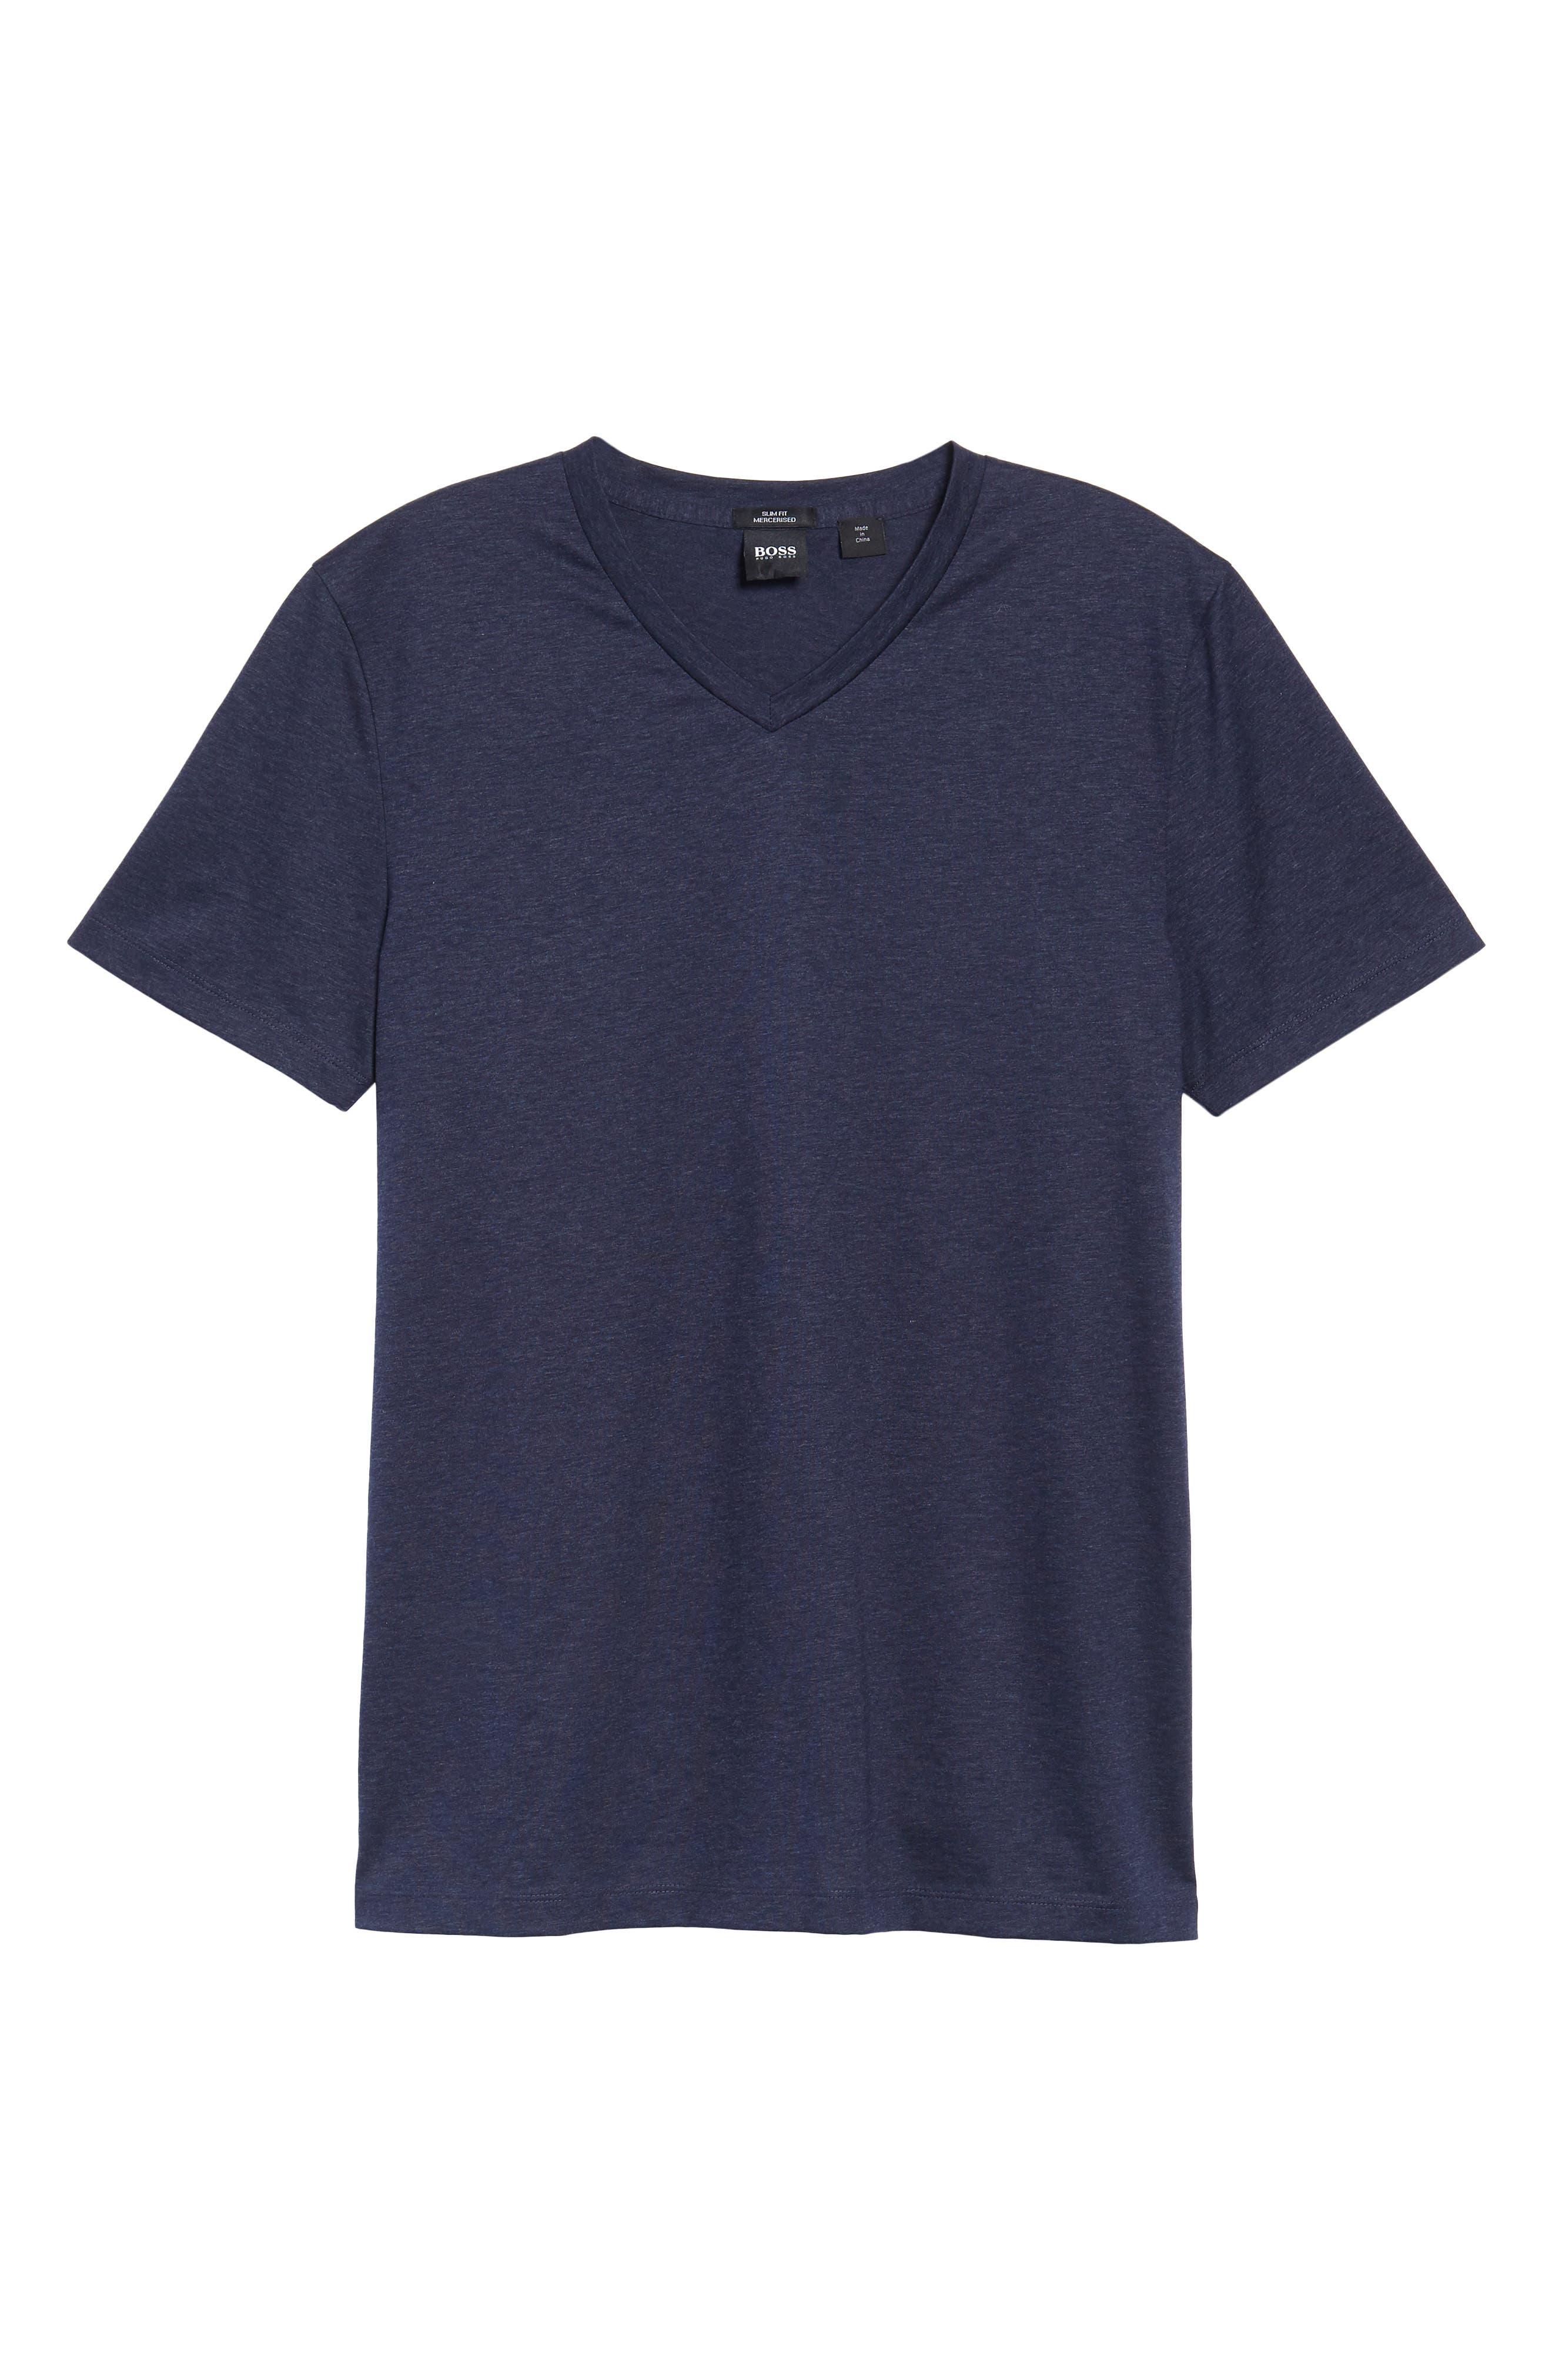 Teal Slim Fit V-Neck T-Shirt,                             Alternate thumbnail 6, color,                             Blue